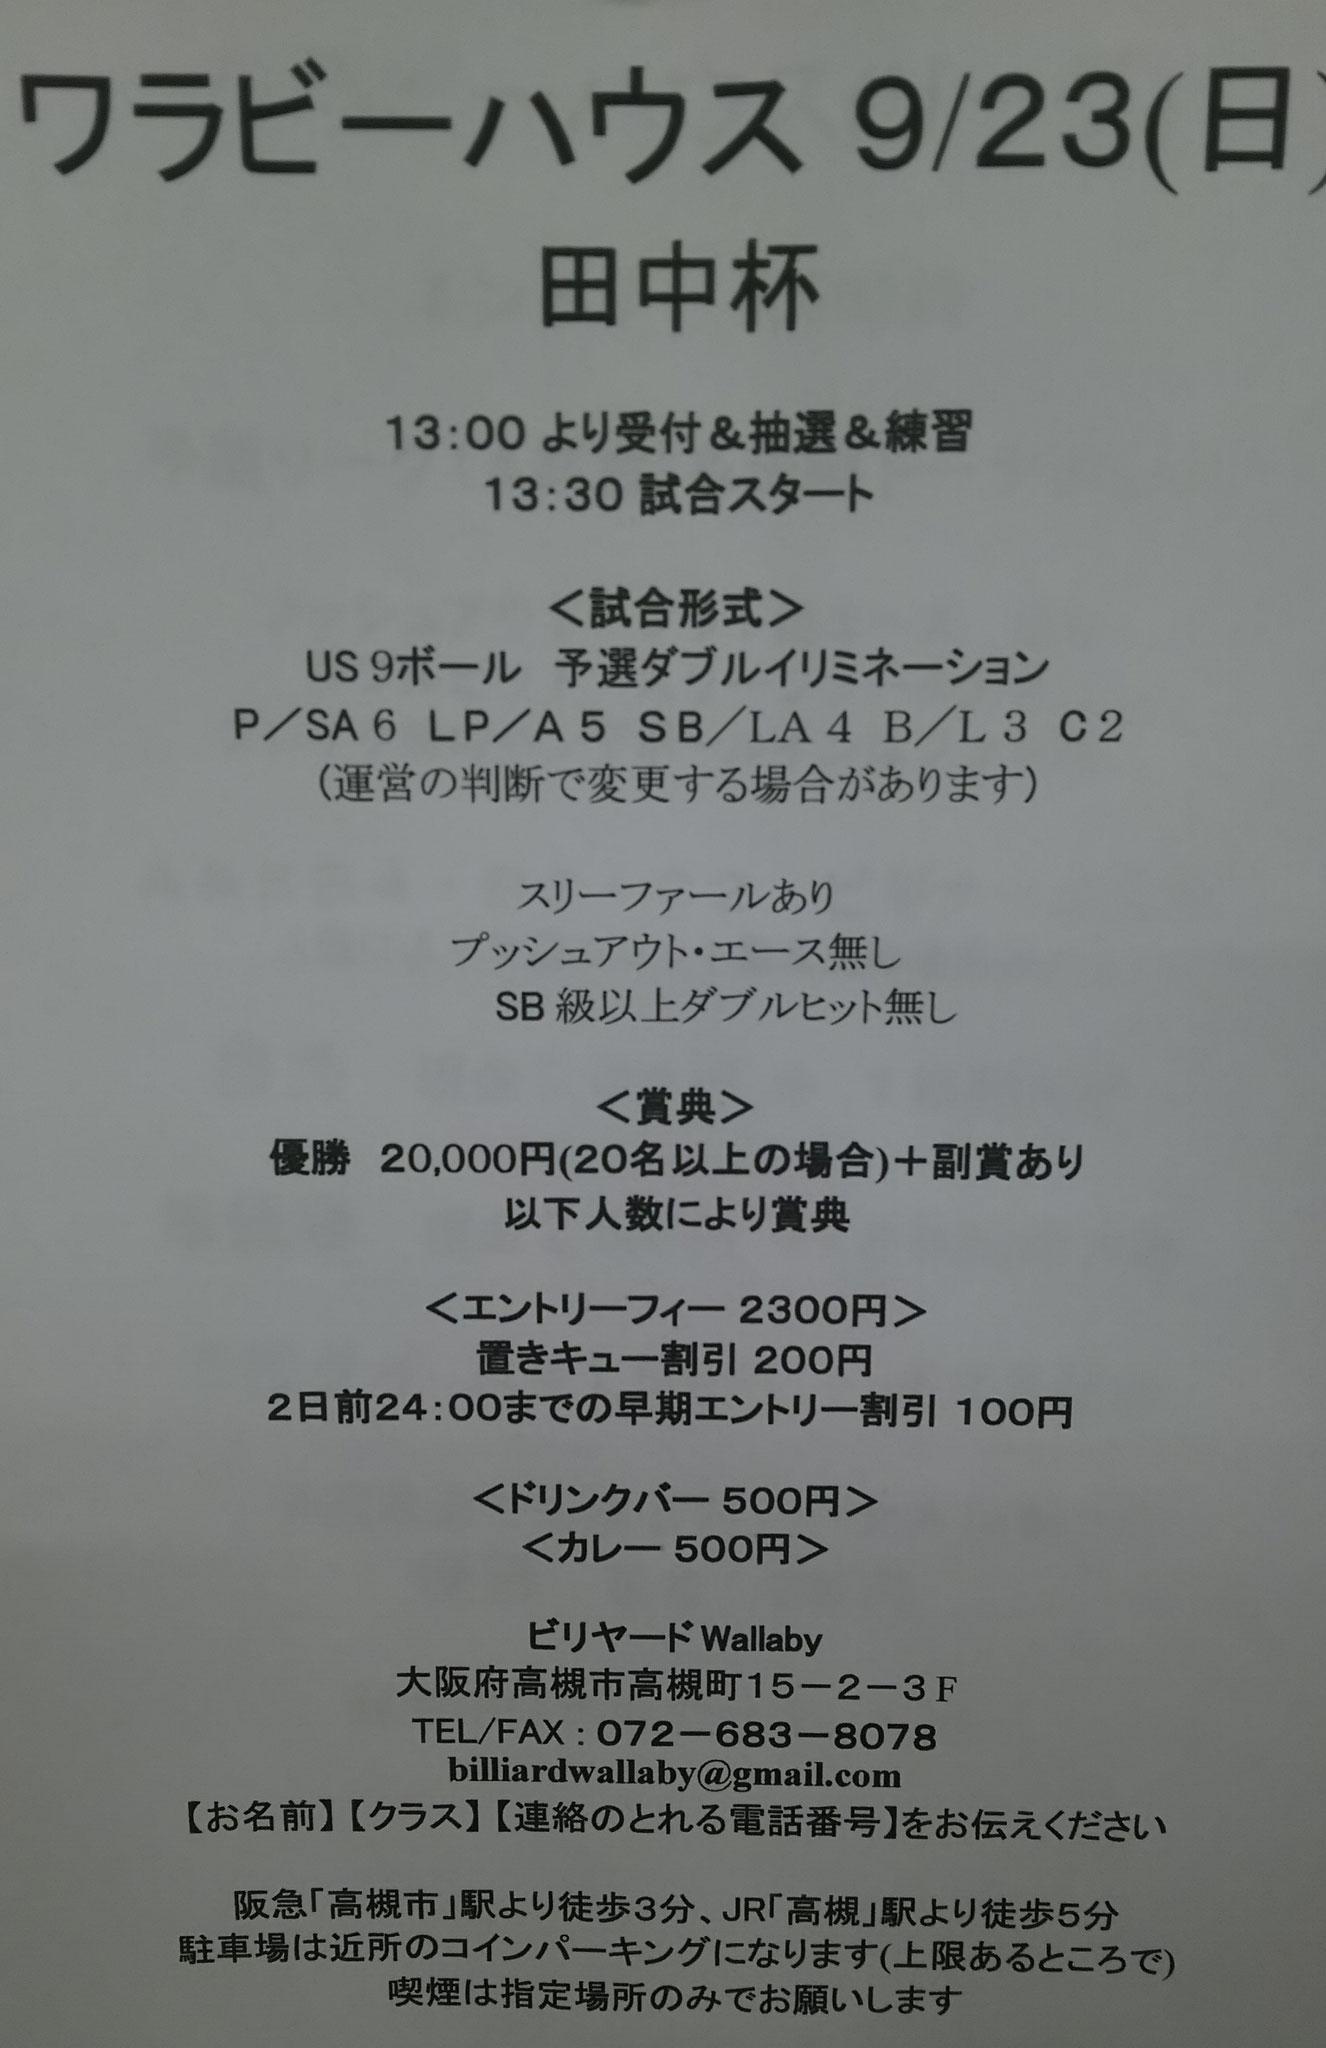 9/23(日) ワラビーハウス!